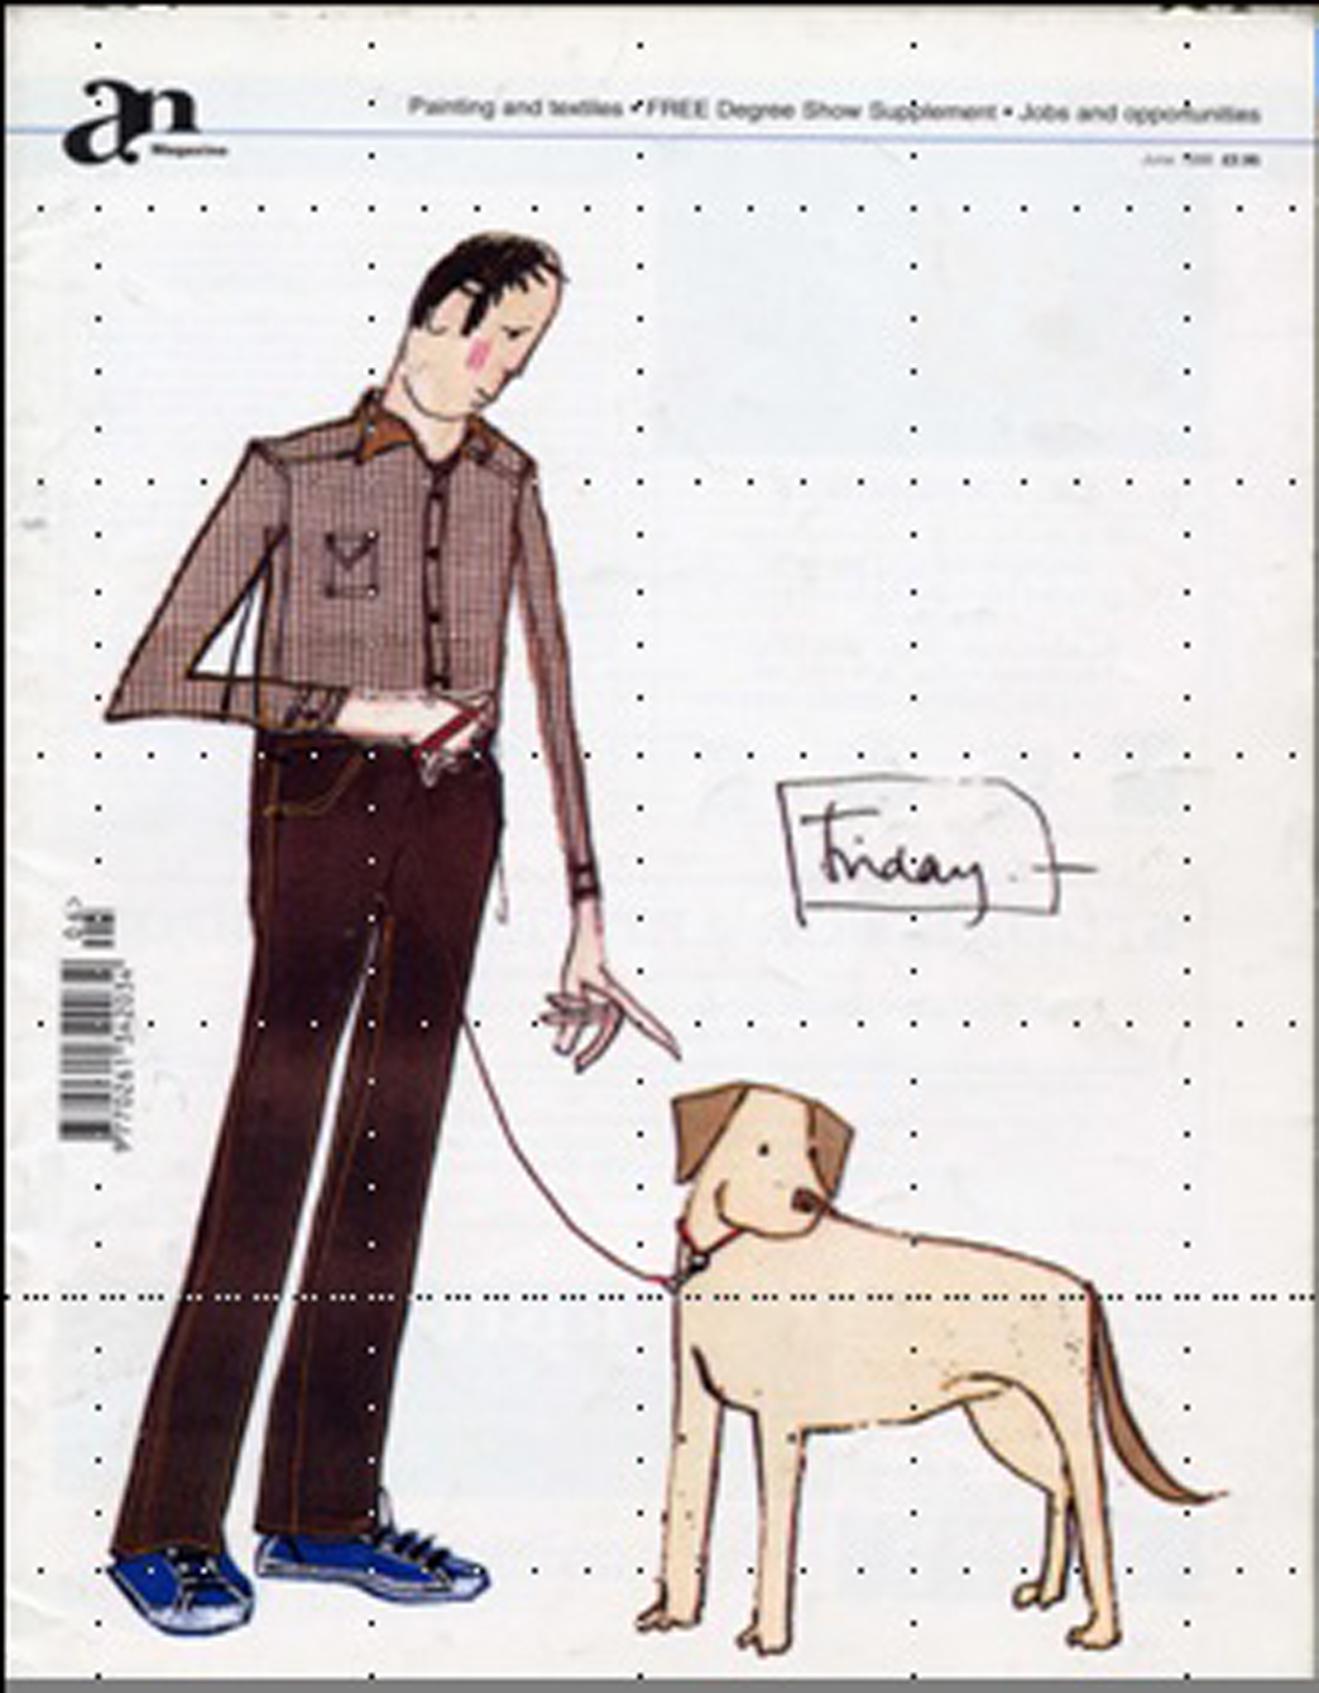 artist newsletter 1998.jpg